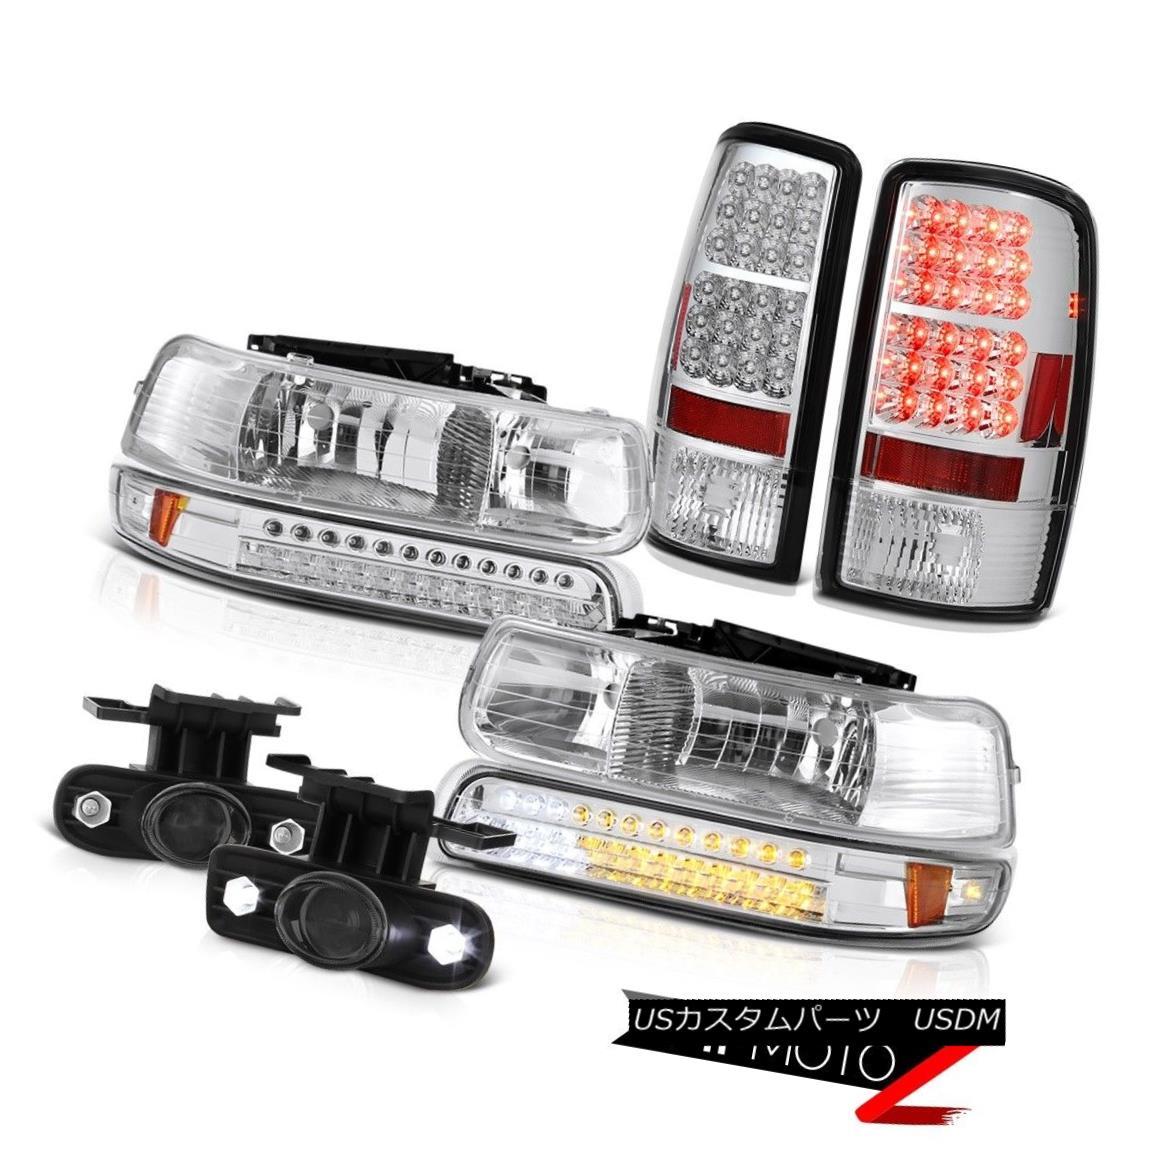 テールライト 00 01 02 03 04 05 06 Suburban LT Signal DRL Headlights LED Taillamps Driving Fog 00 01 02 03 04 05 06郊外LT信号DRLヘッドライトLEDタイルランプドライビングフォグ